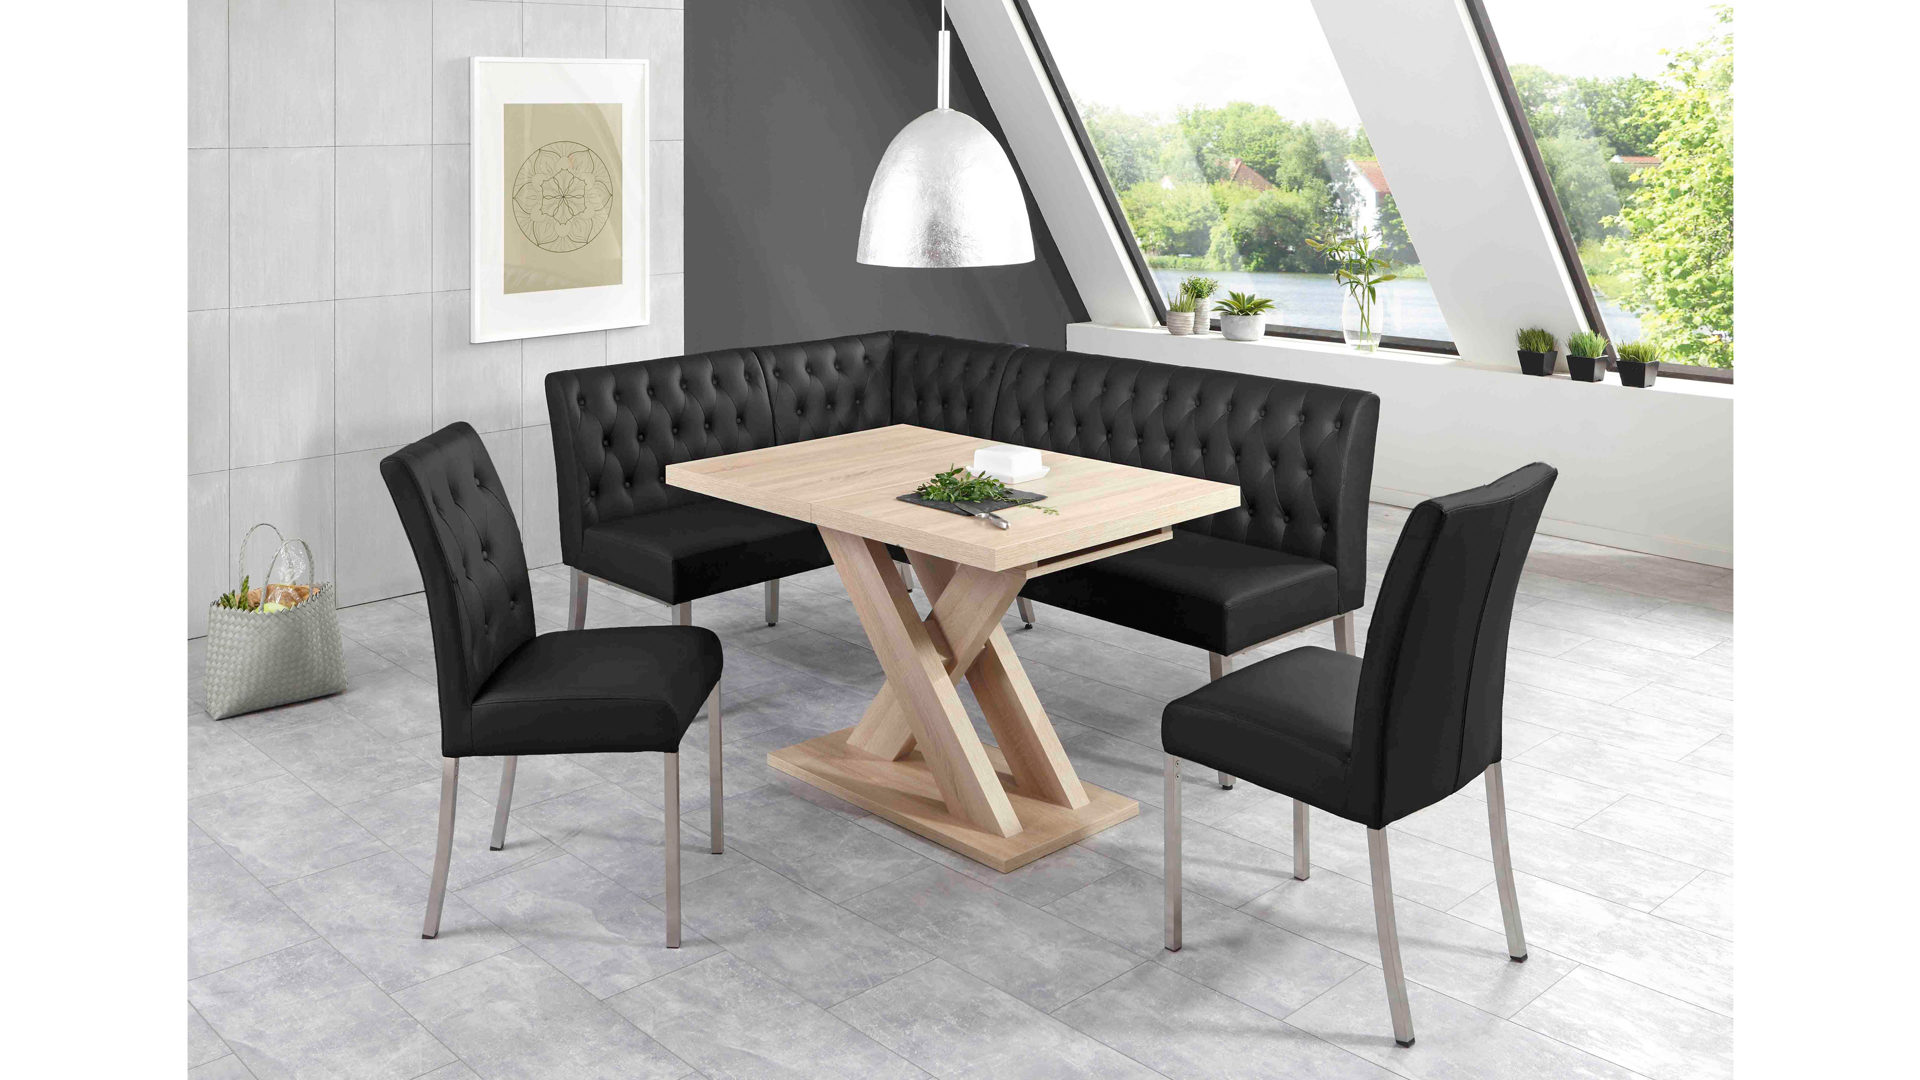 eckbank esszimmer schwarz, möbel bohn crailsheim, räume, esszimmer, stühle + bänke, moderne, Design ideen